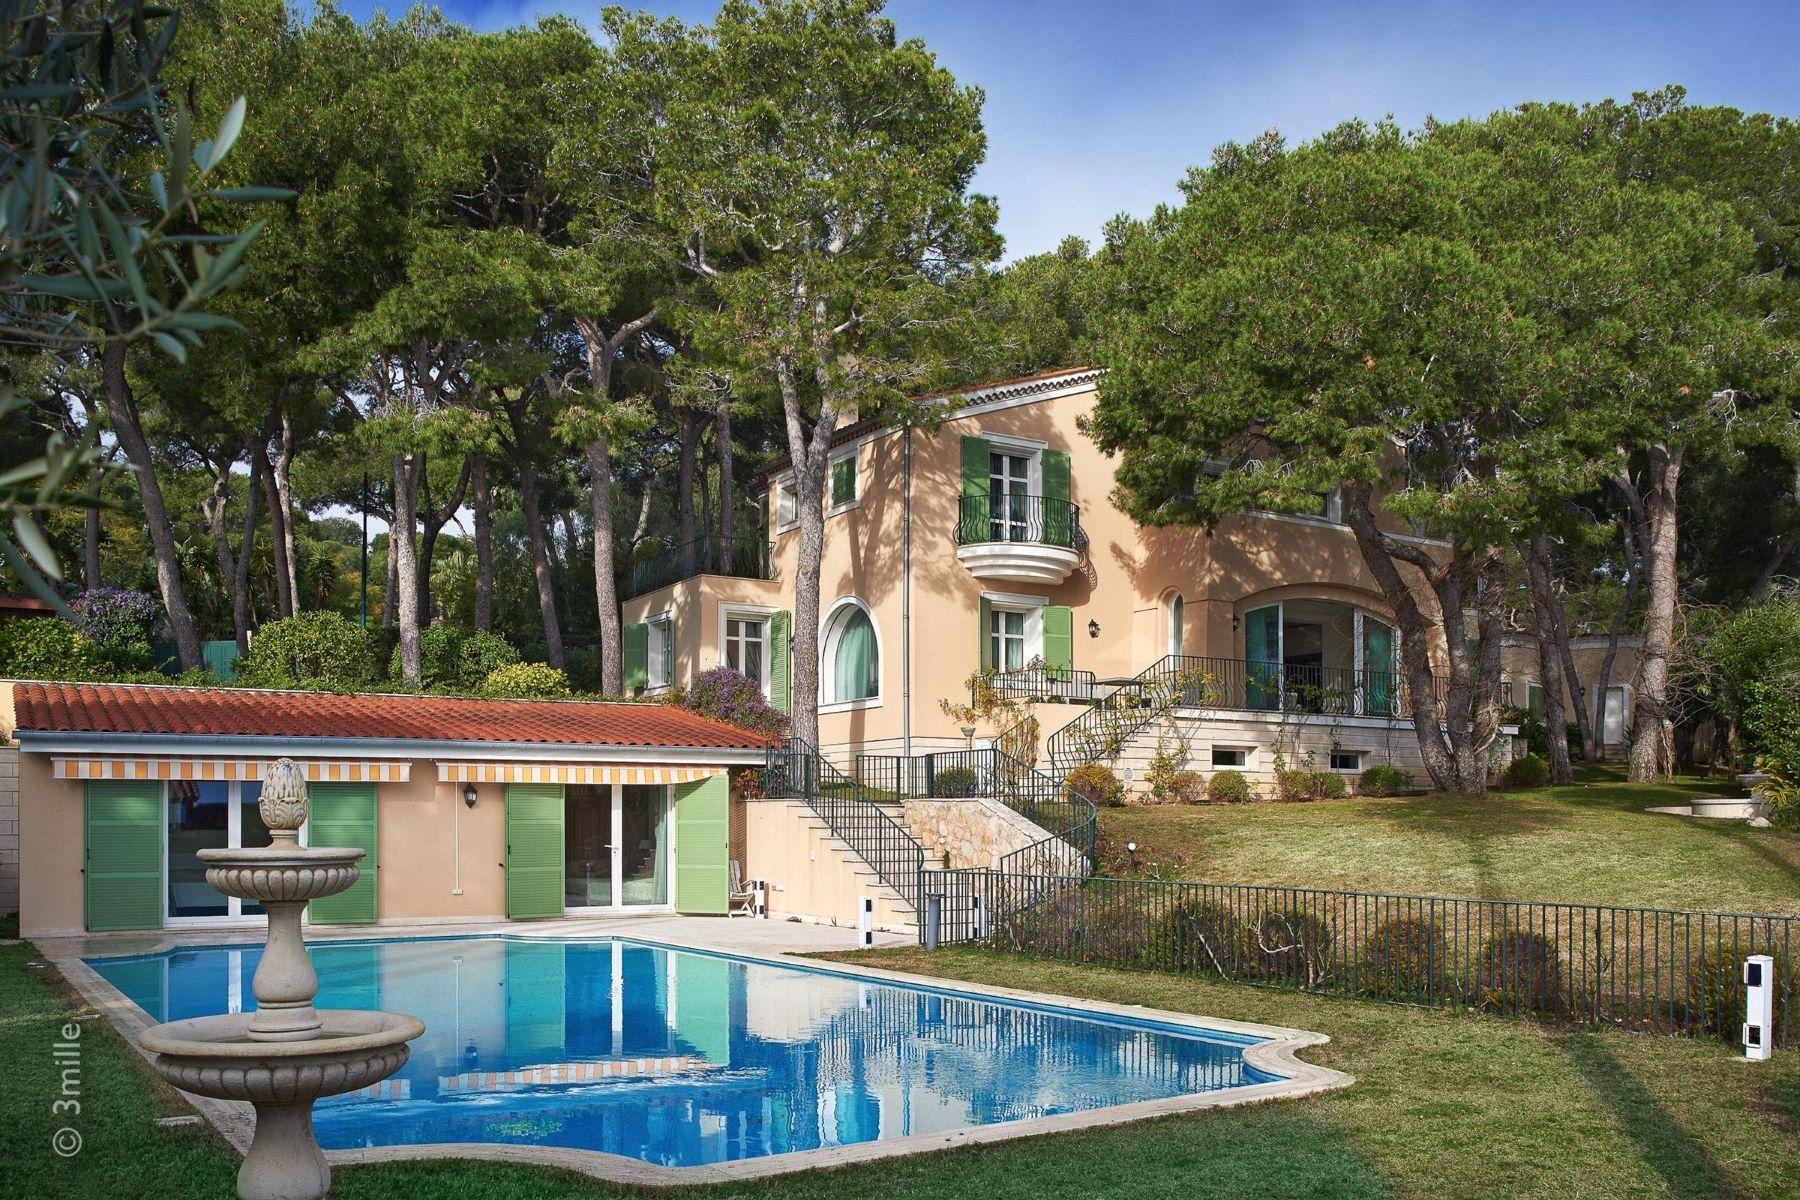 Single Family Homes for Sale at Magnificient renovated Villa on Saint-Jean-Cap-Ferrat Saint Jean Cap Ferrat, Provence-Alpes-Cote D'Azur 06230 France